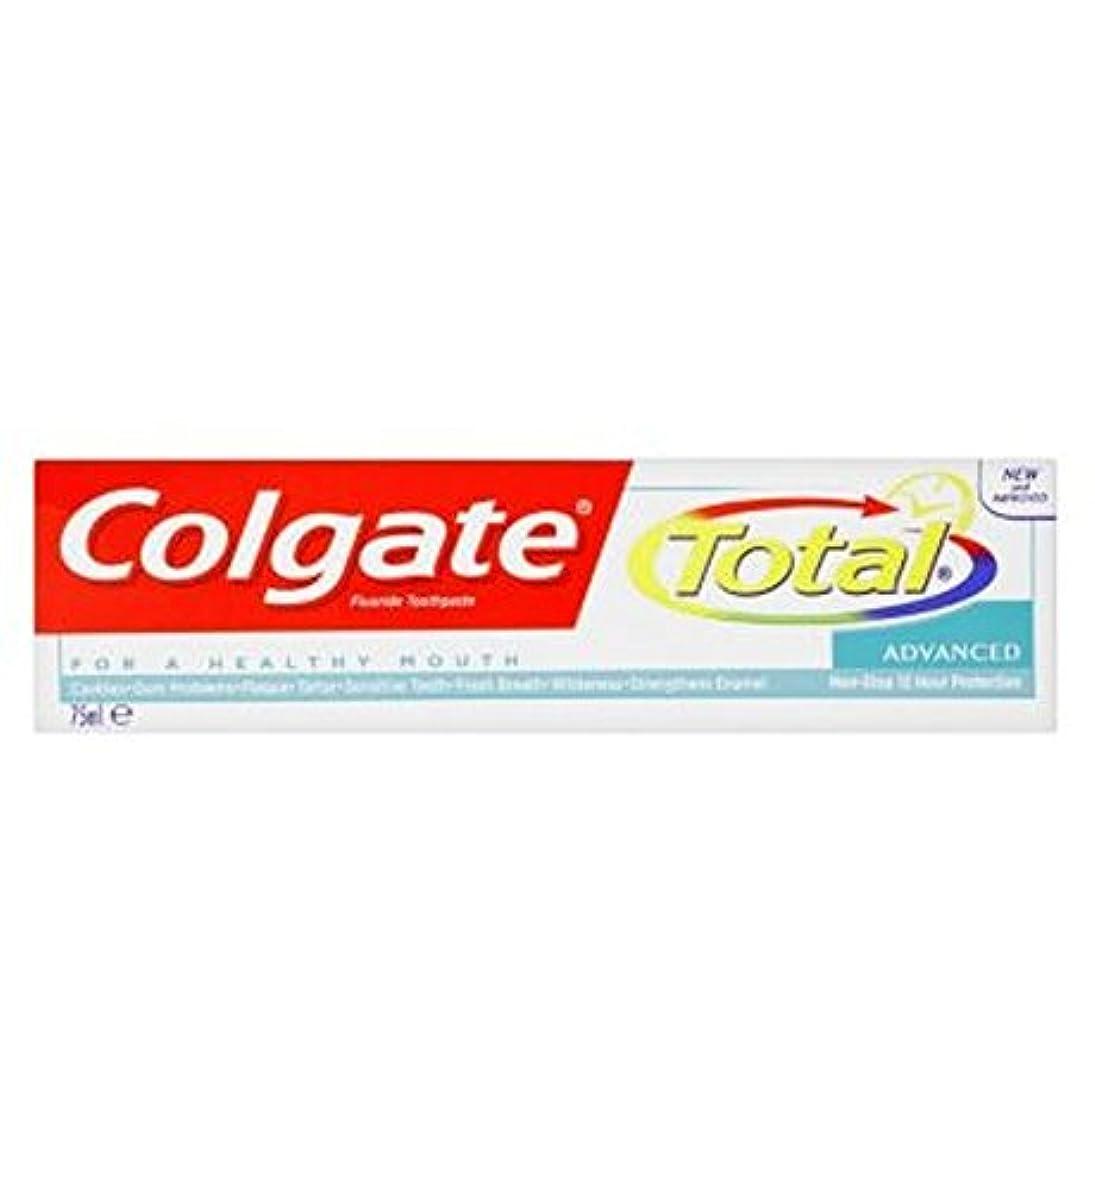 改修非互換ピアノを弾くColgate Total Advanced toothpaste 75ml - コルゲートトータル高度な歯磨き粉75ミリリットル (Colgate) [並行輸入品]